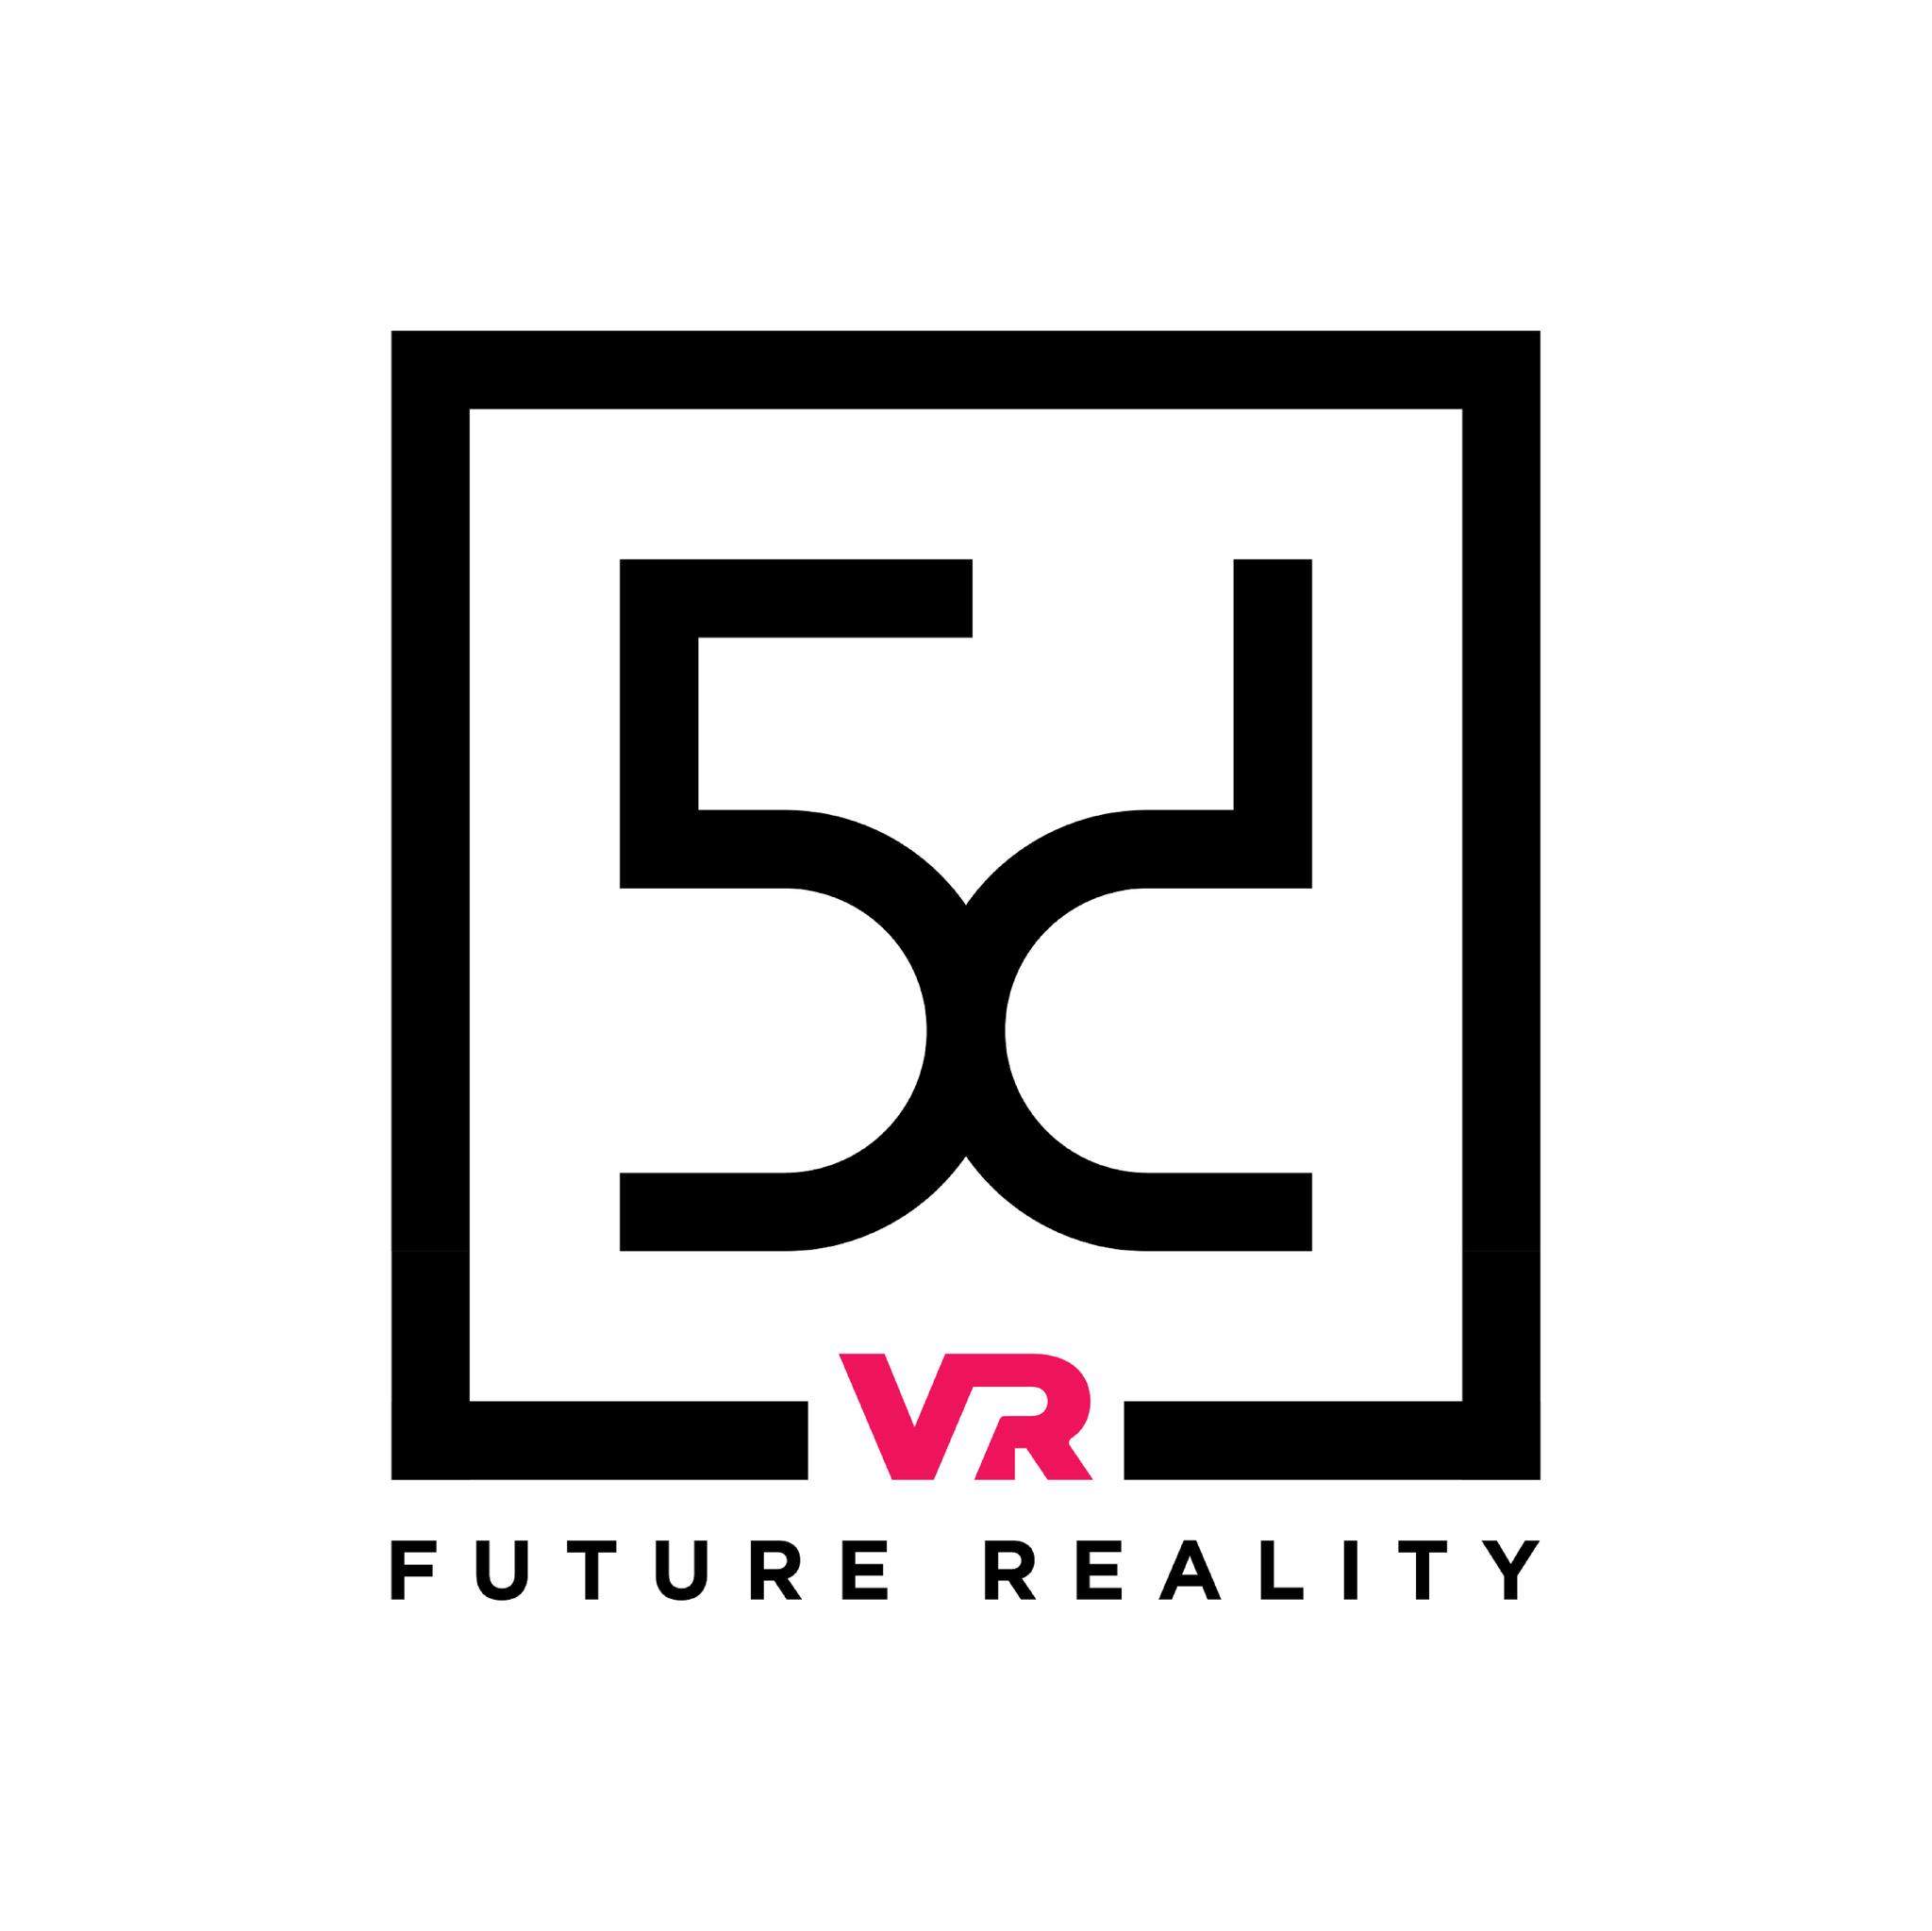 5d-VR